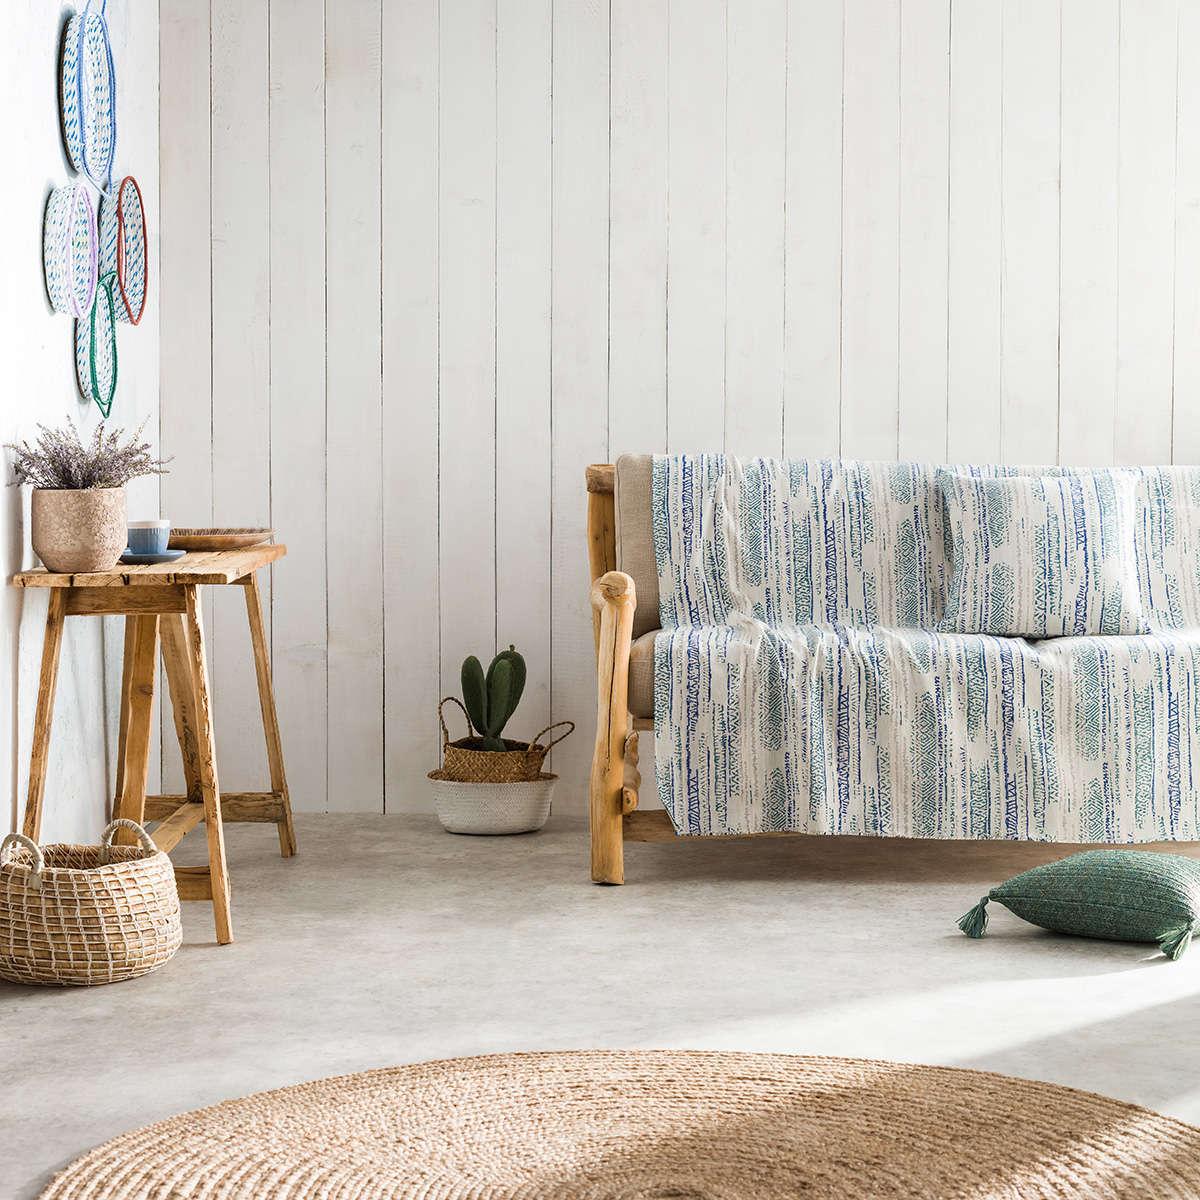 Ριχτάρι Flair Blue 857/01 Gofis Home Διθέσιο 180x250cm